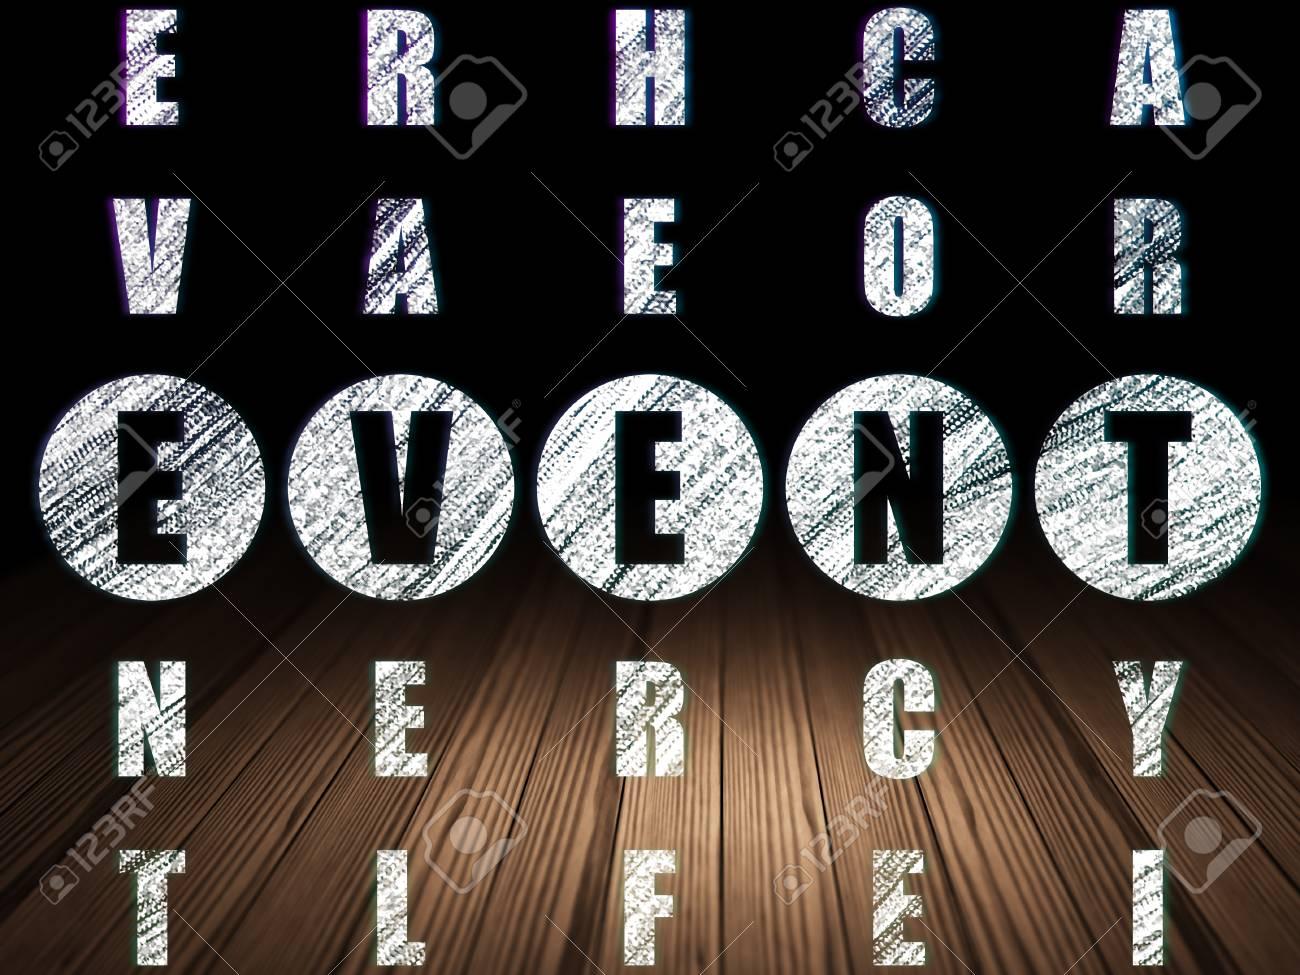 Holzfußboden Kreuzworträtsel ~ Urlaub auf dem konzept: glühende wort ereignis kreuzworträtsel im